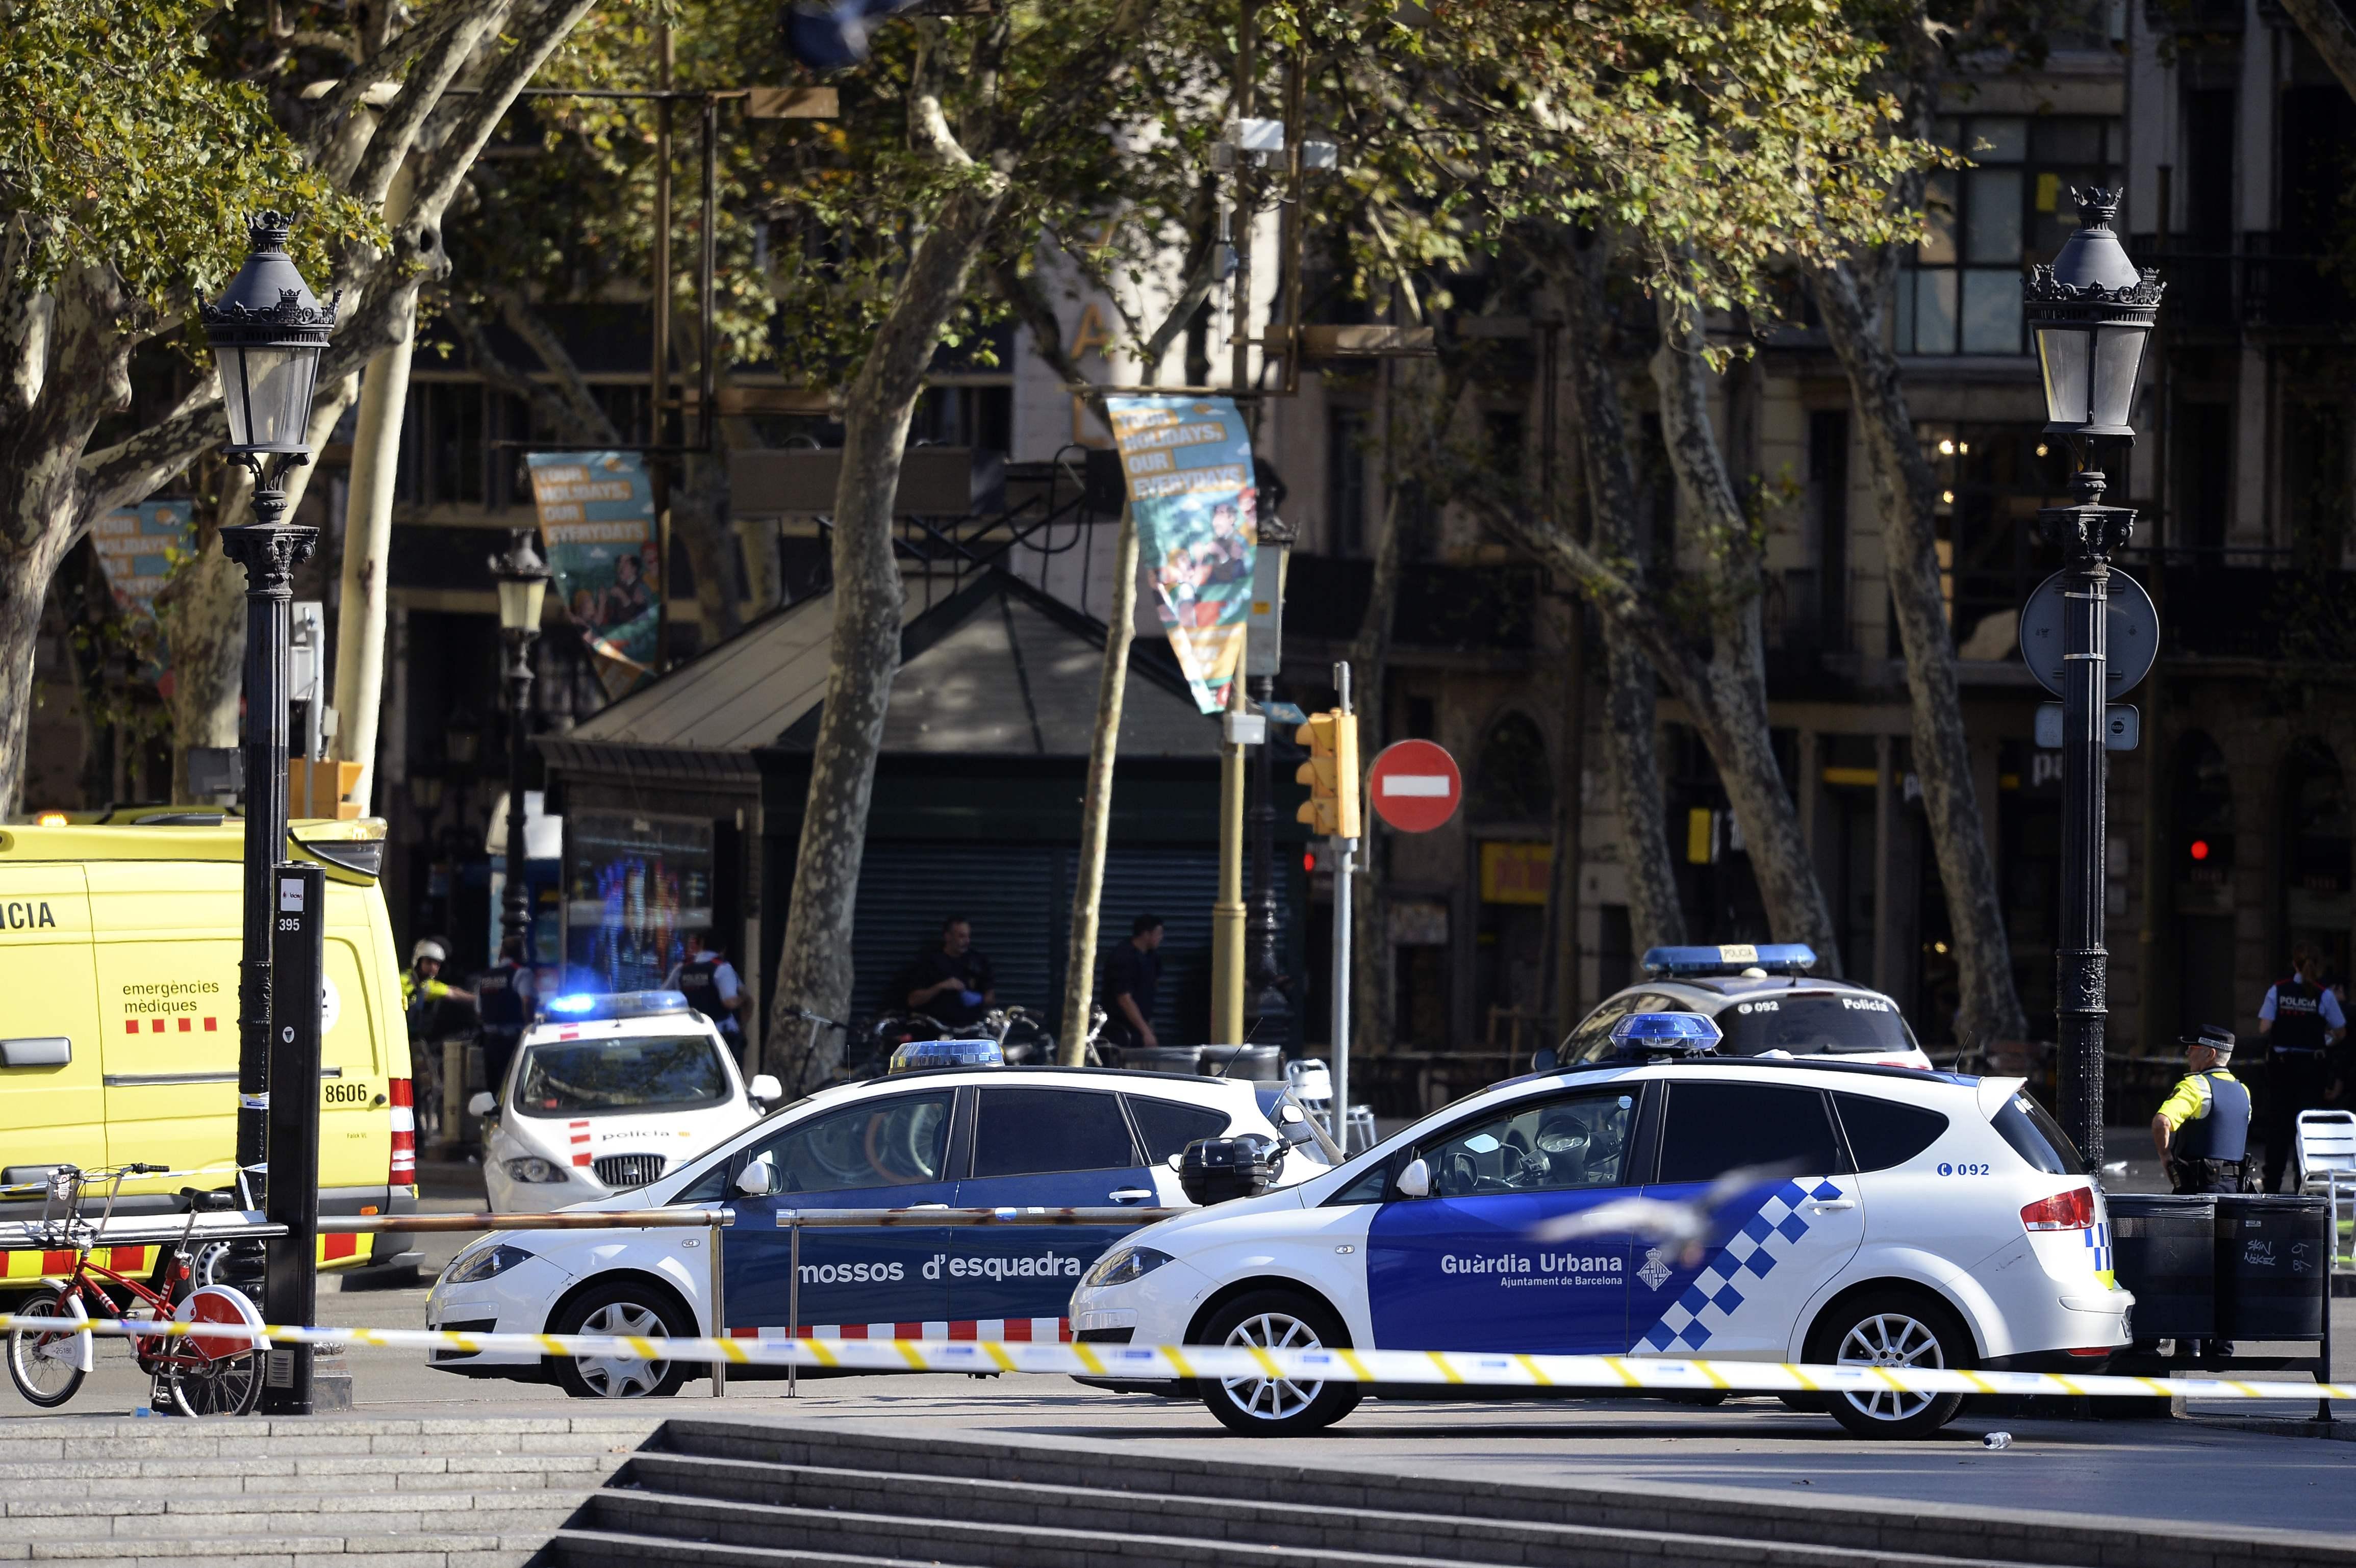 Carrinha atropela dezenas nas Ramblas, em Barcelona, vários feridos - Polícia